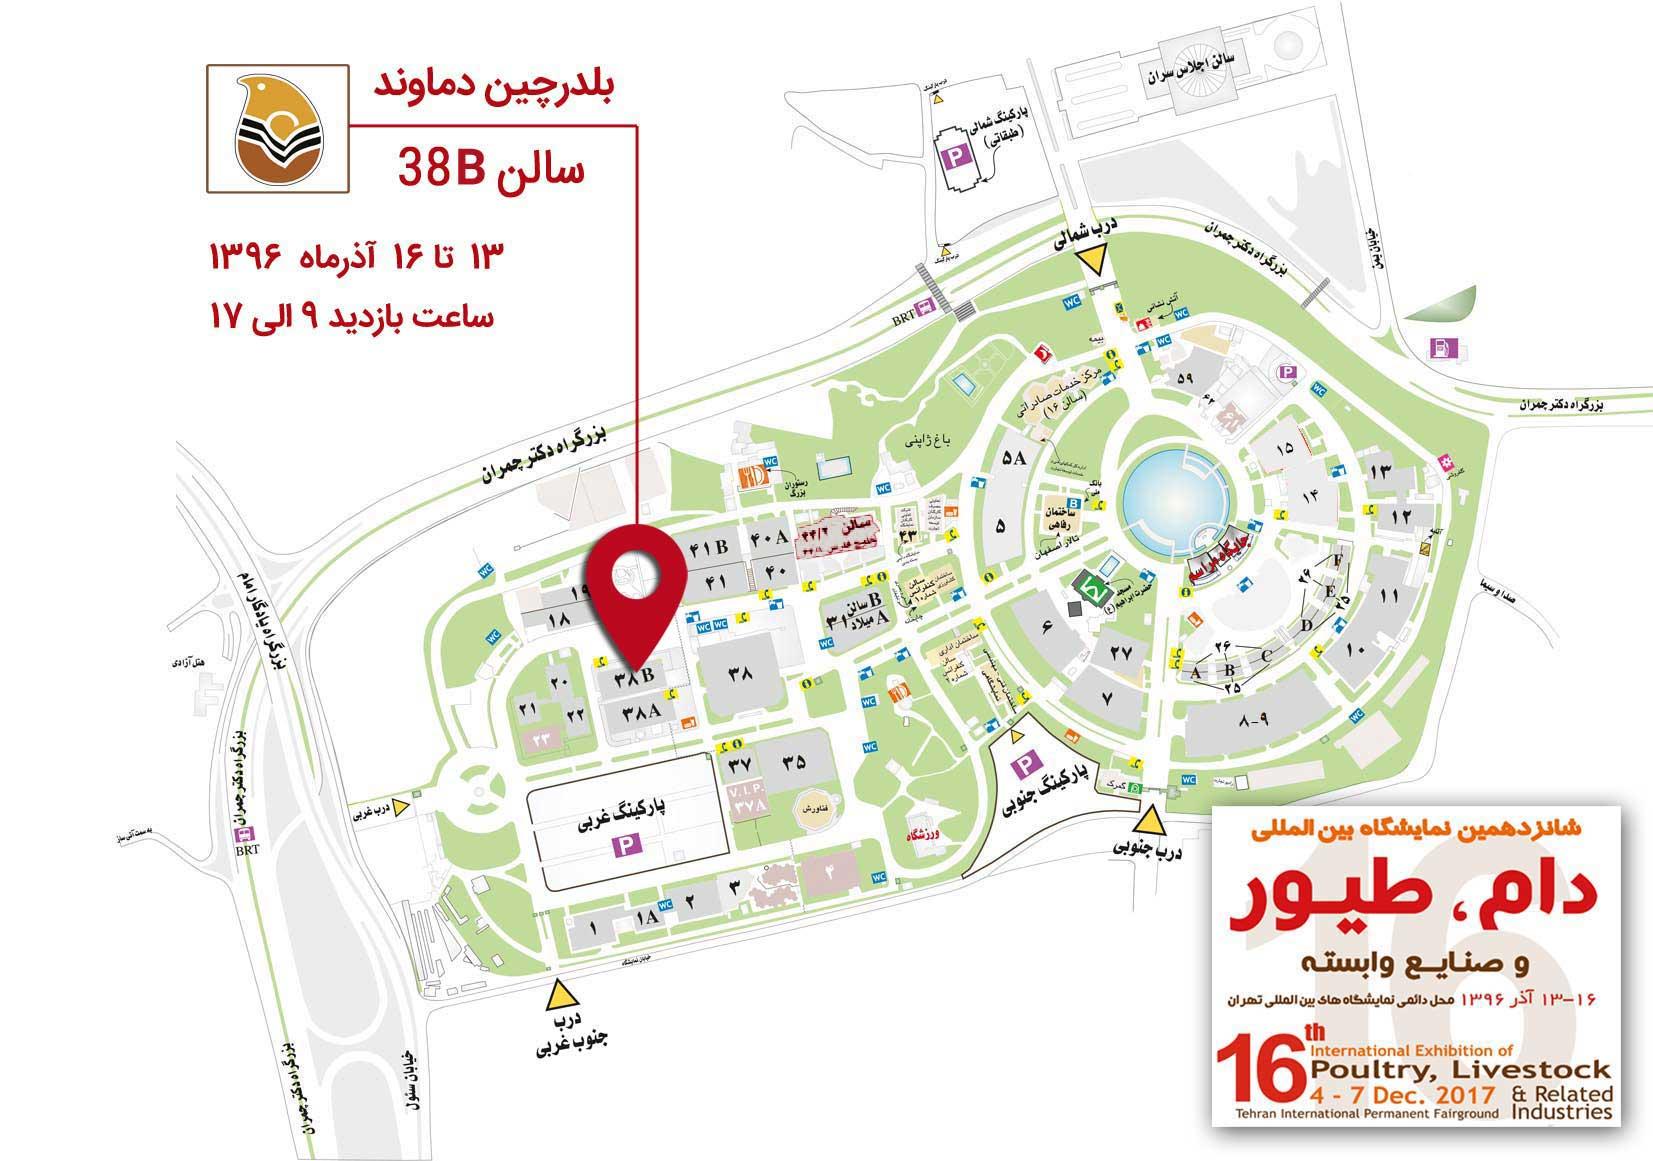 نقشه-نمایشگاه